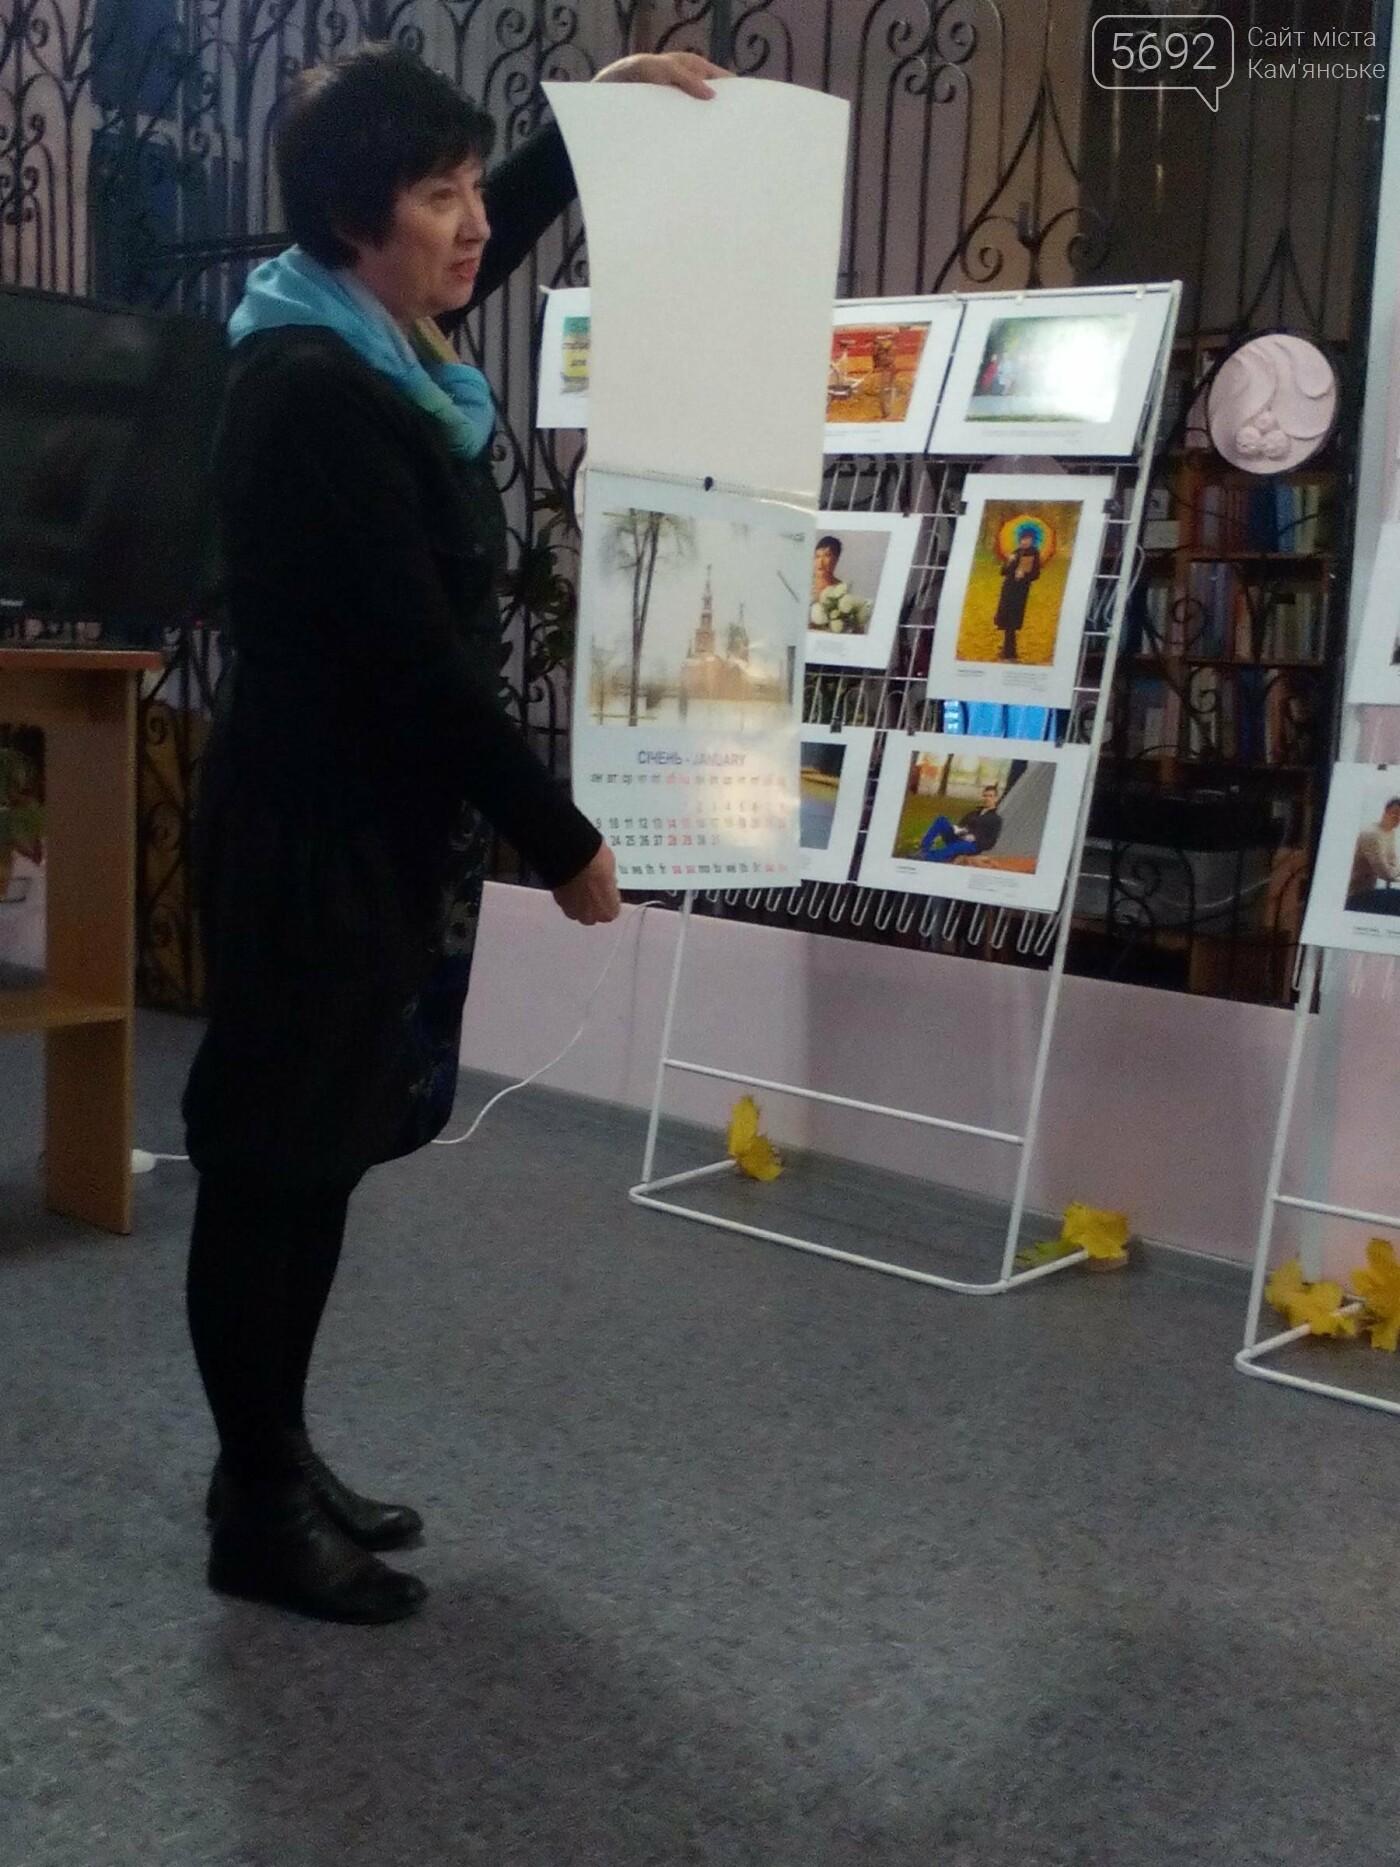 В Центральной библиотеке Каменского презентовали фотопроект «Осень создана для чтения», фото-3